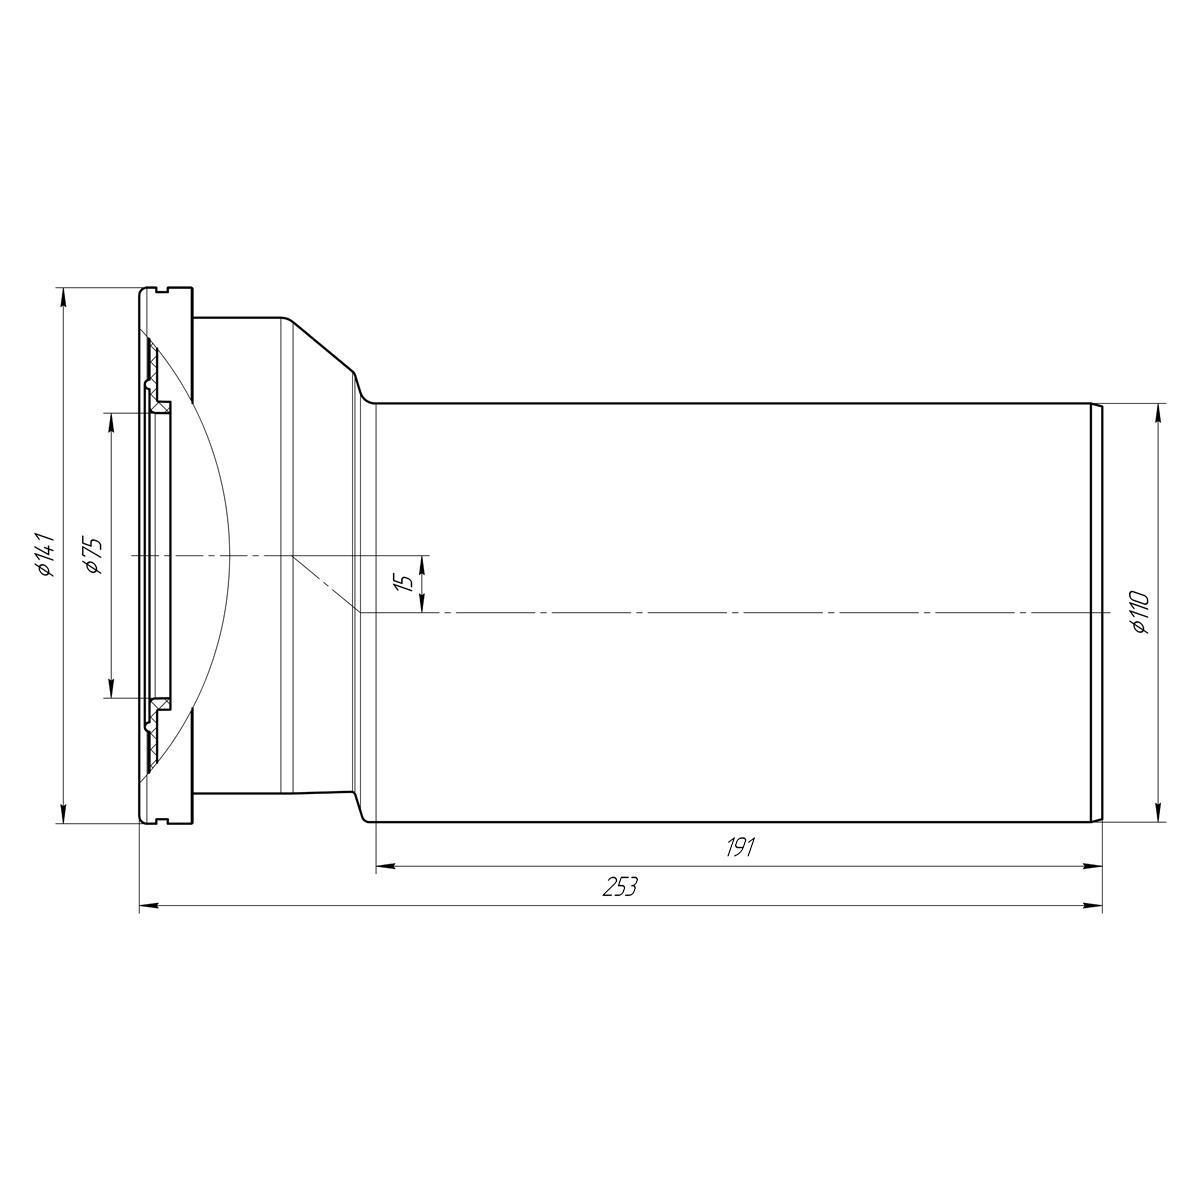 WC Anschluss 250mm Abfluss Abflussrohr Toilette Ansschlussstutzen Versetzt 15mm,Ani Plast,W1225EU, 4779037107650